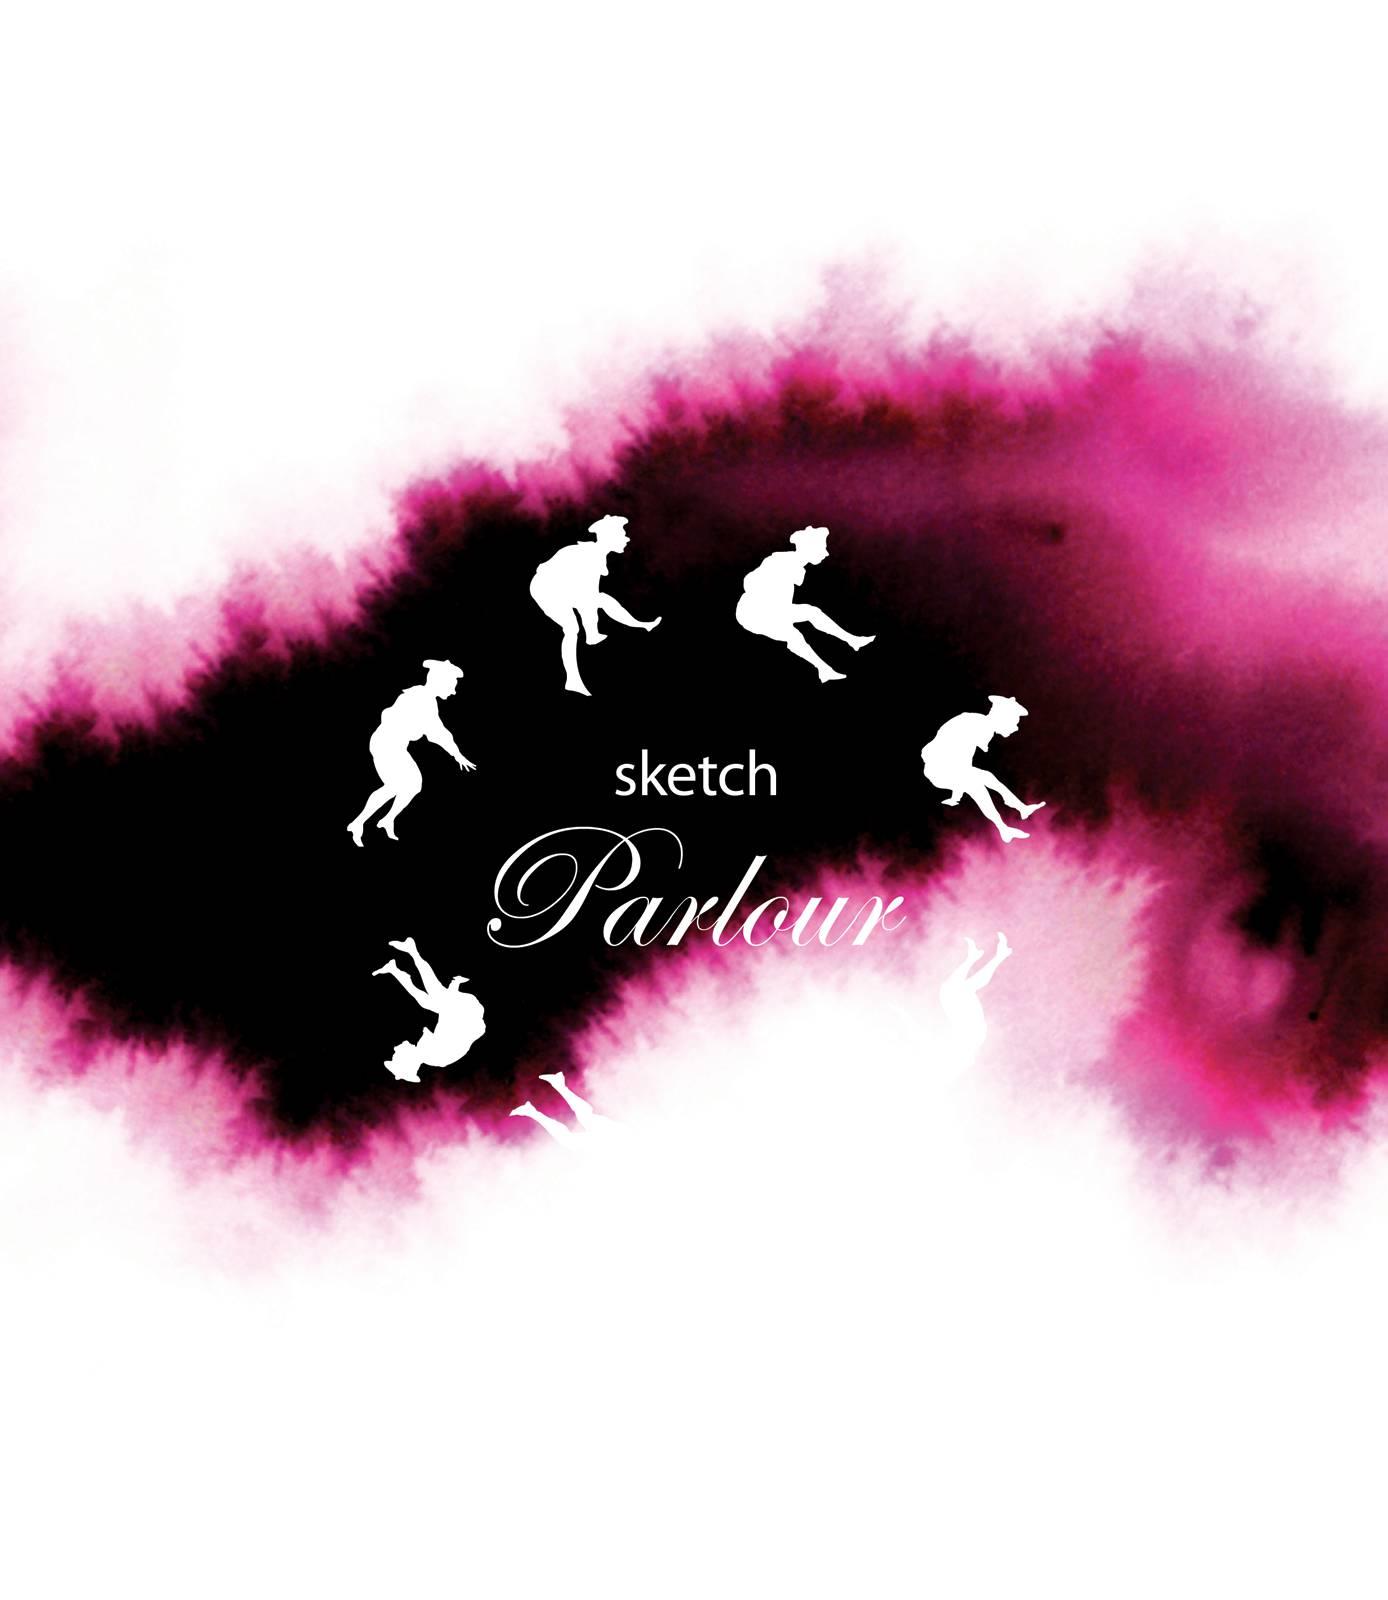 sketch_branding_06_1